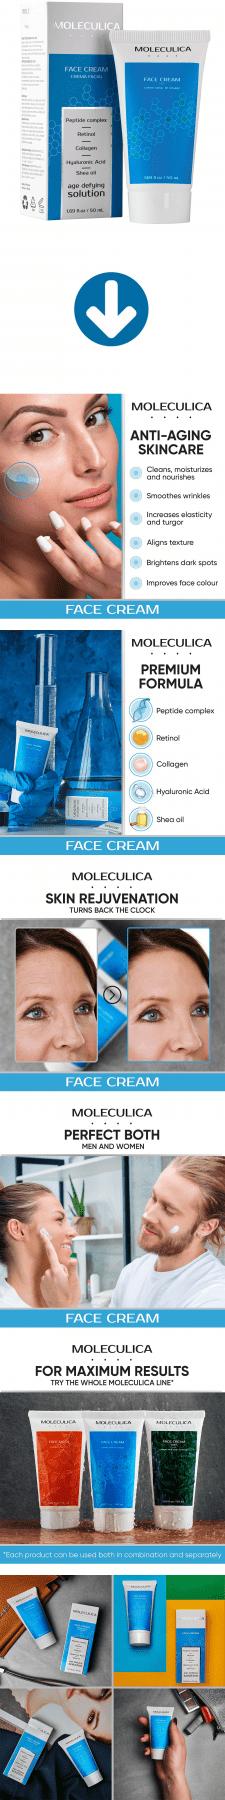 Листинг Amazon - Moleculica Day Face Cream